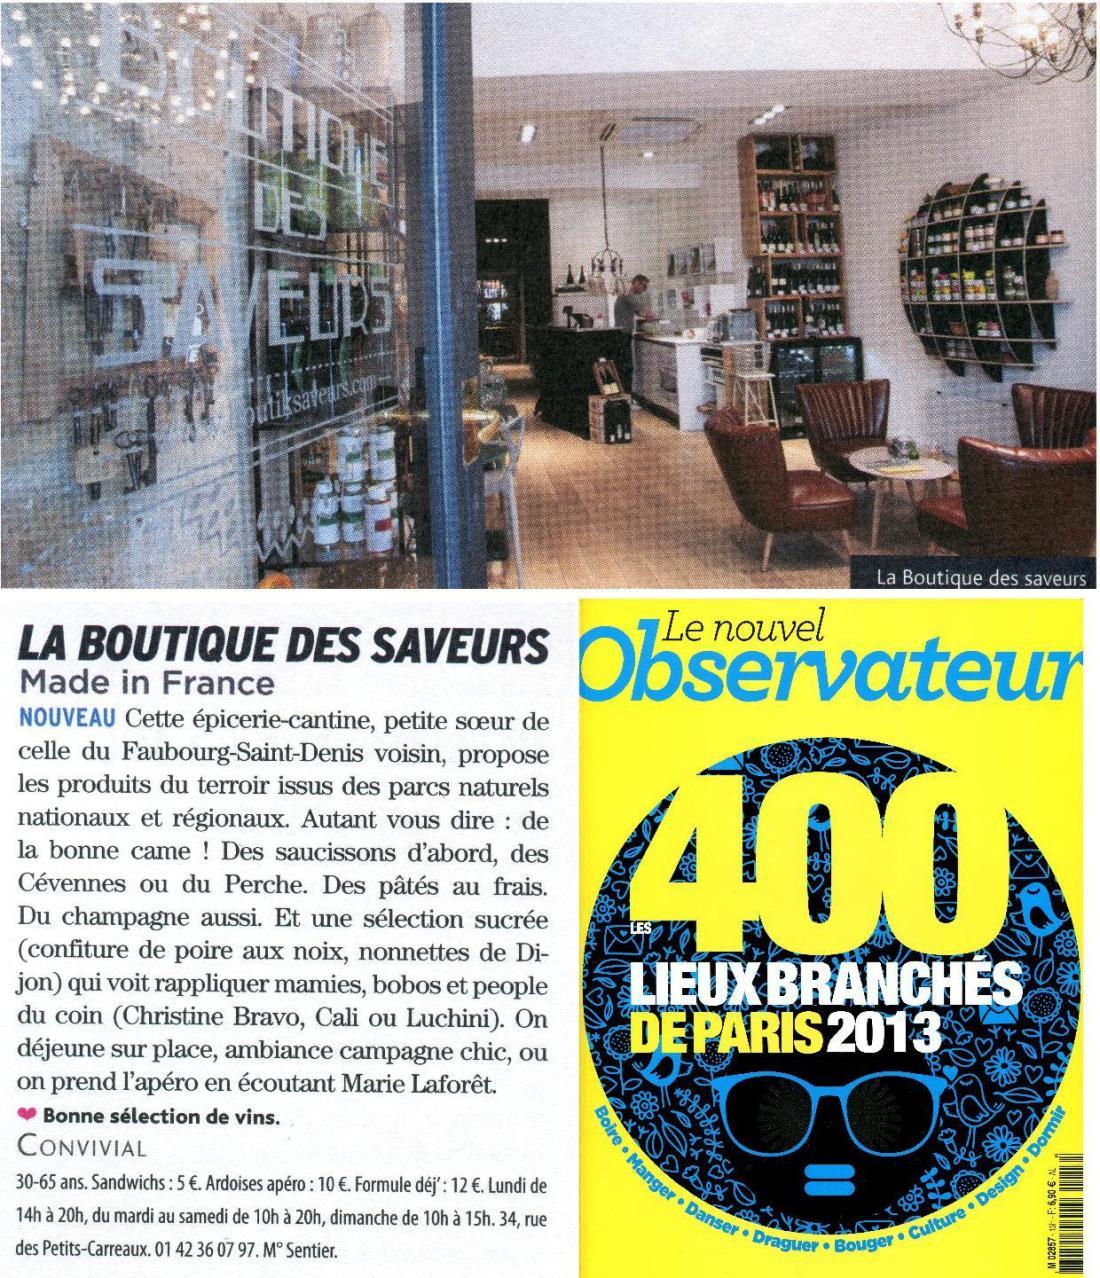 Boutique Des Saveurs - www.boutiksaveurs.com - MADE IN FRANCE / Les 400 Lieux Branchés de Paris - Le Nouvel Observateur